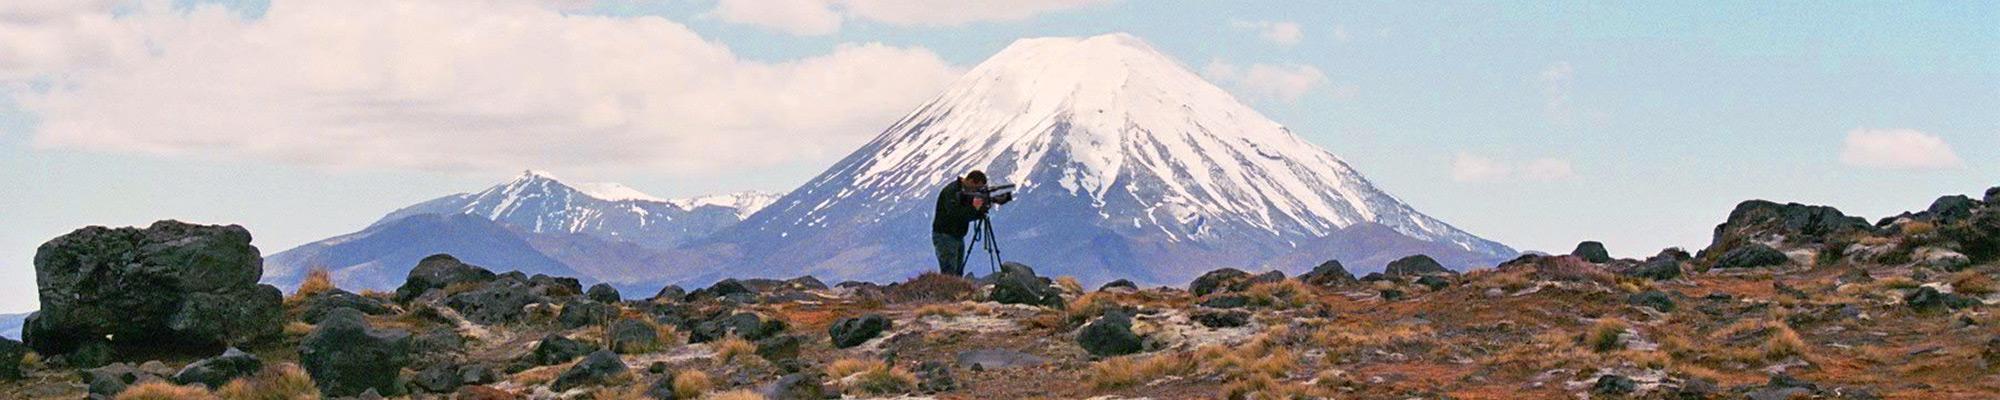 DrehMatthias-Vulkan